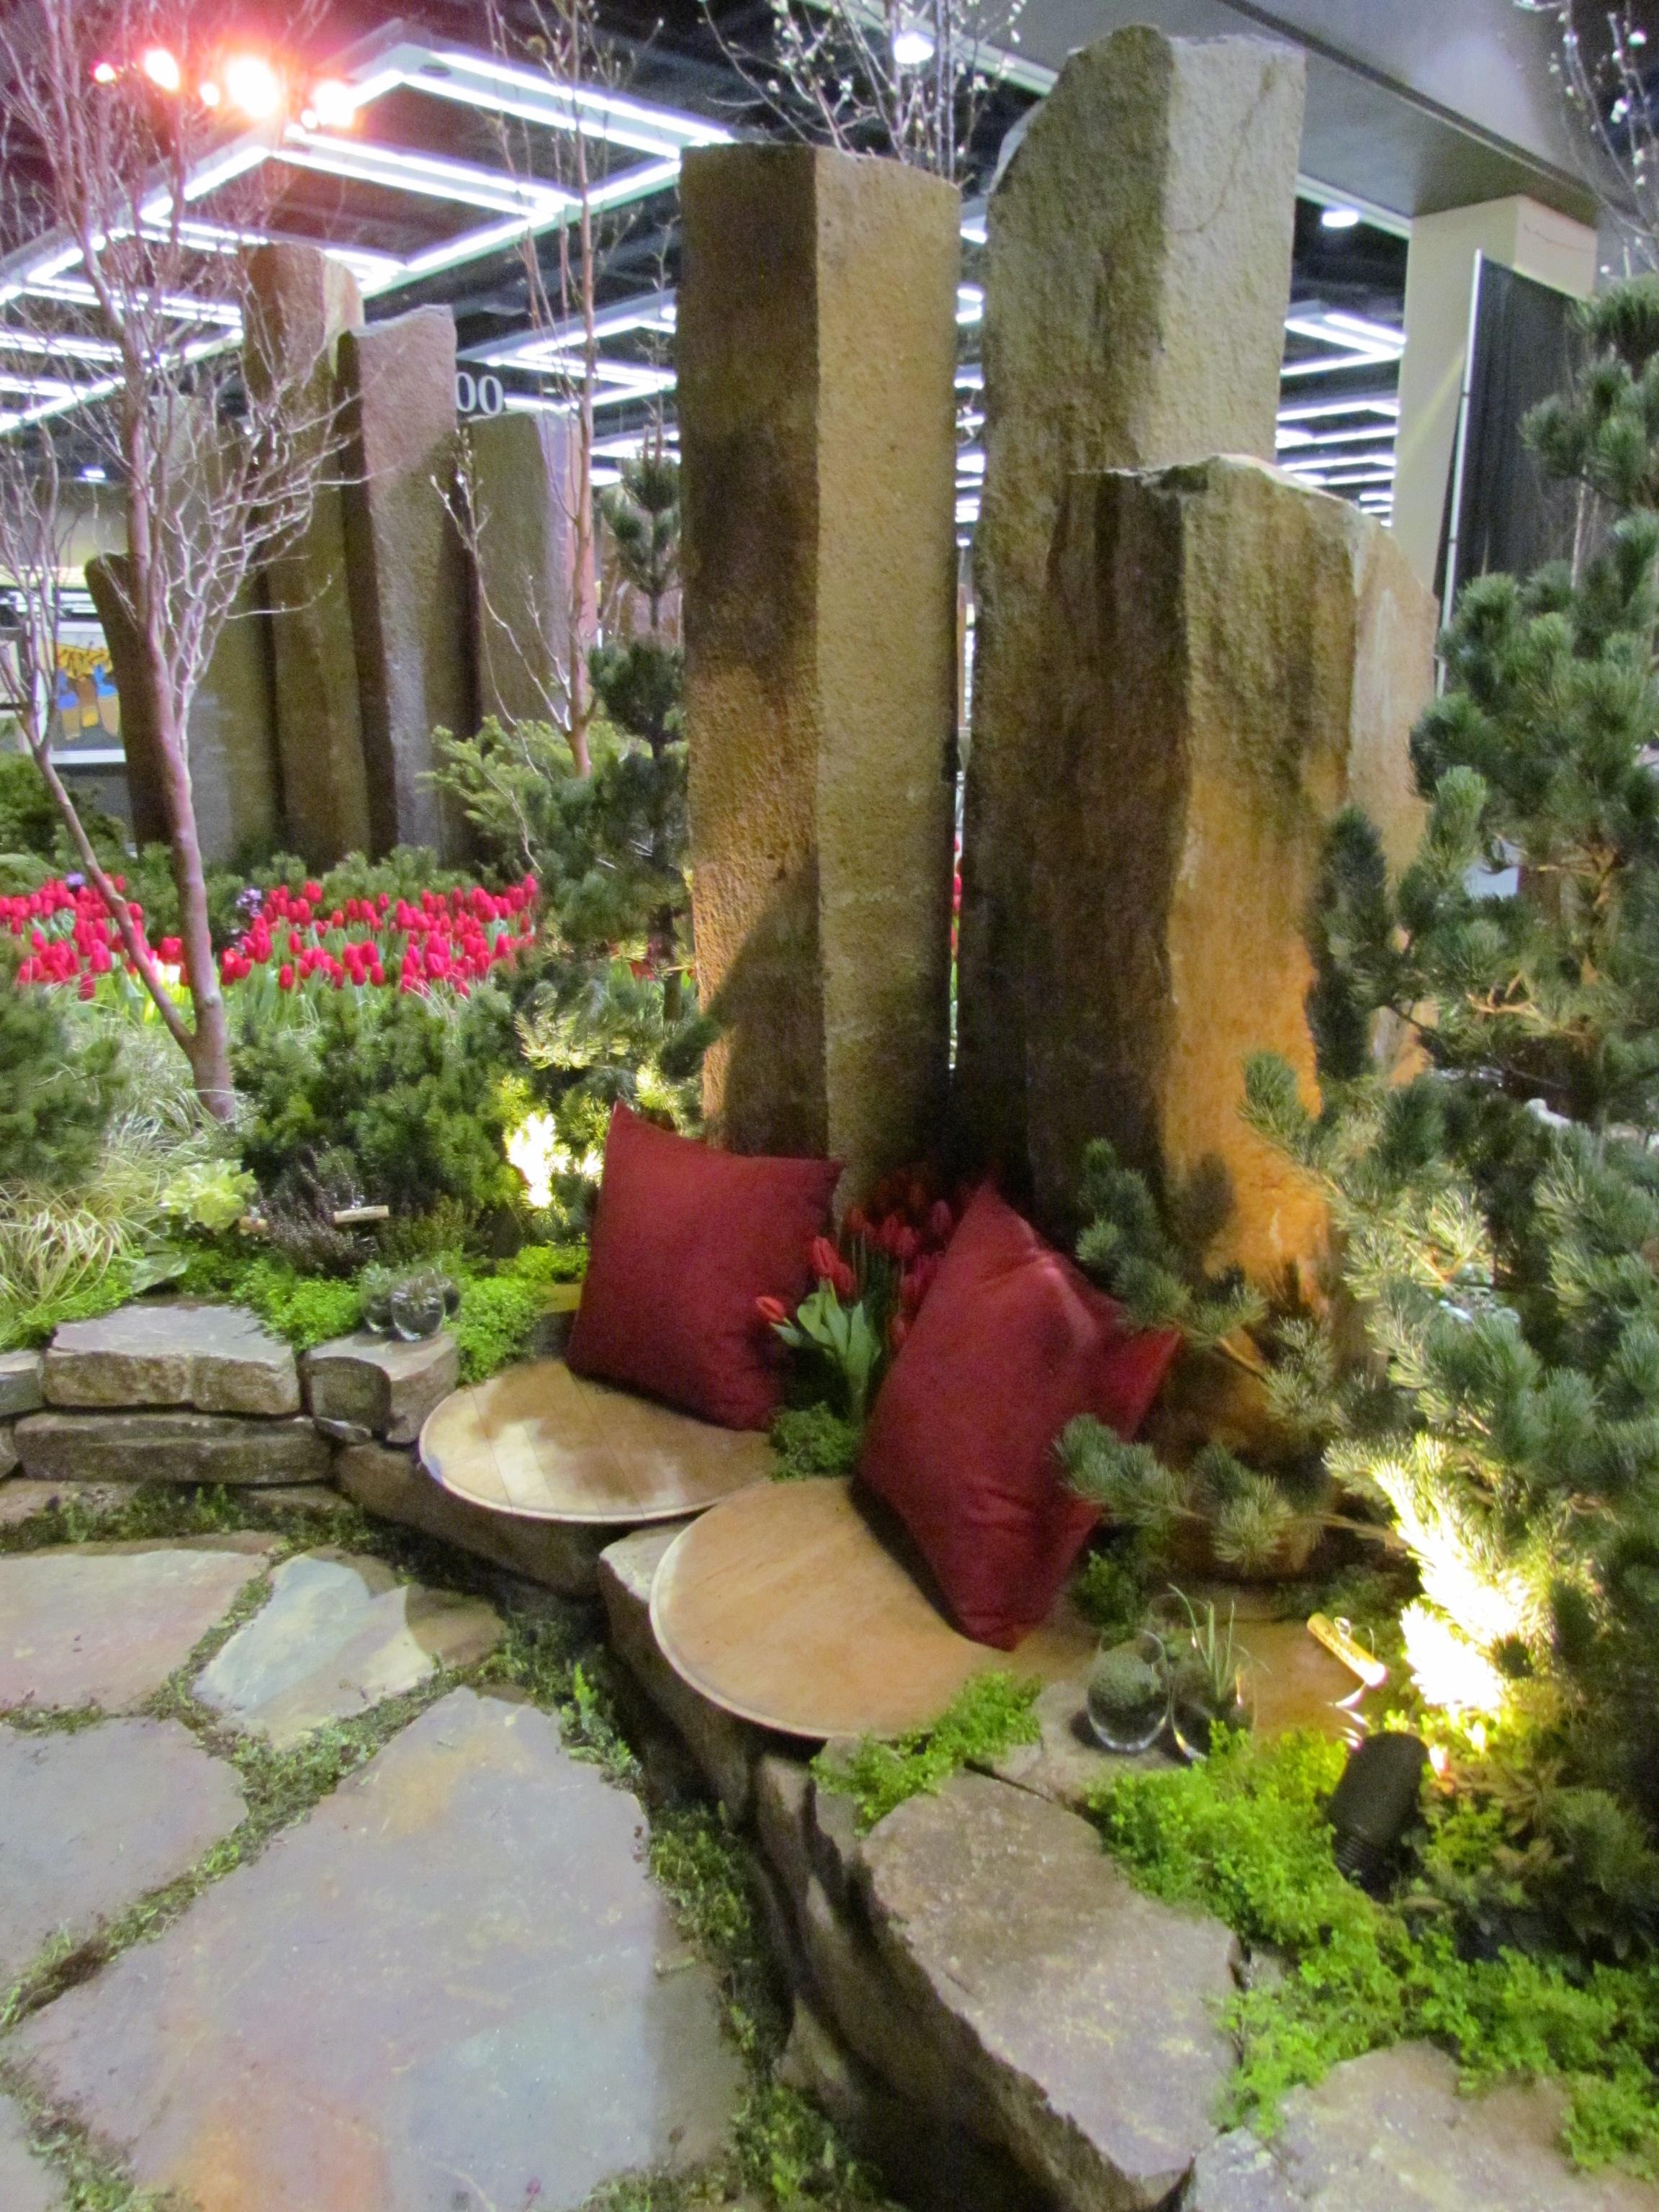 Northwest Flower & Garden Show – Amateur Bot-ann-ist